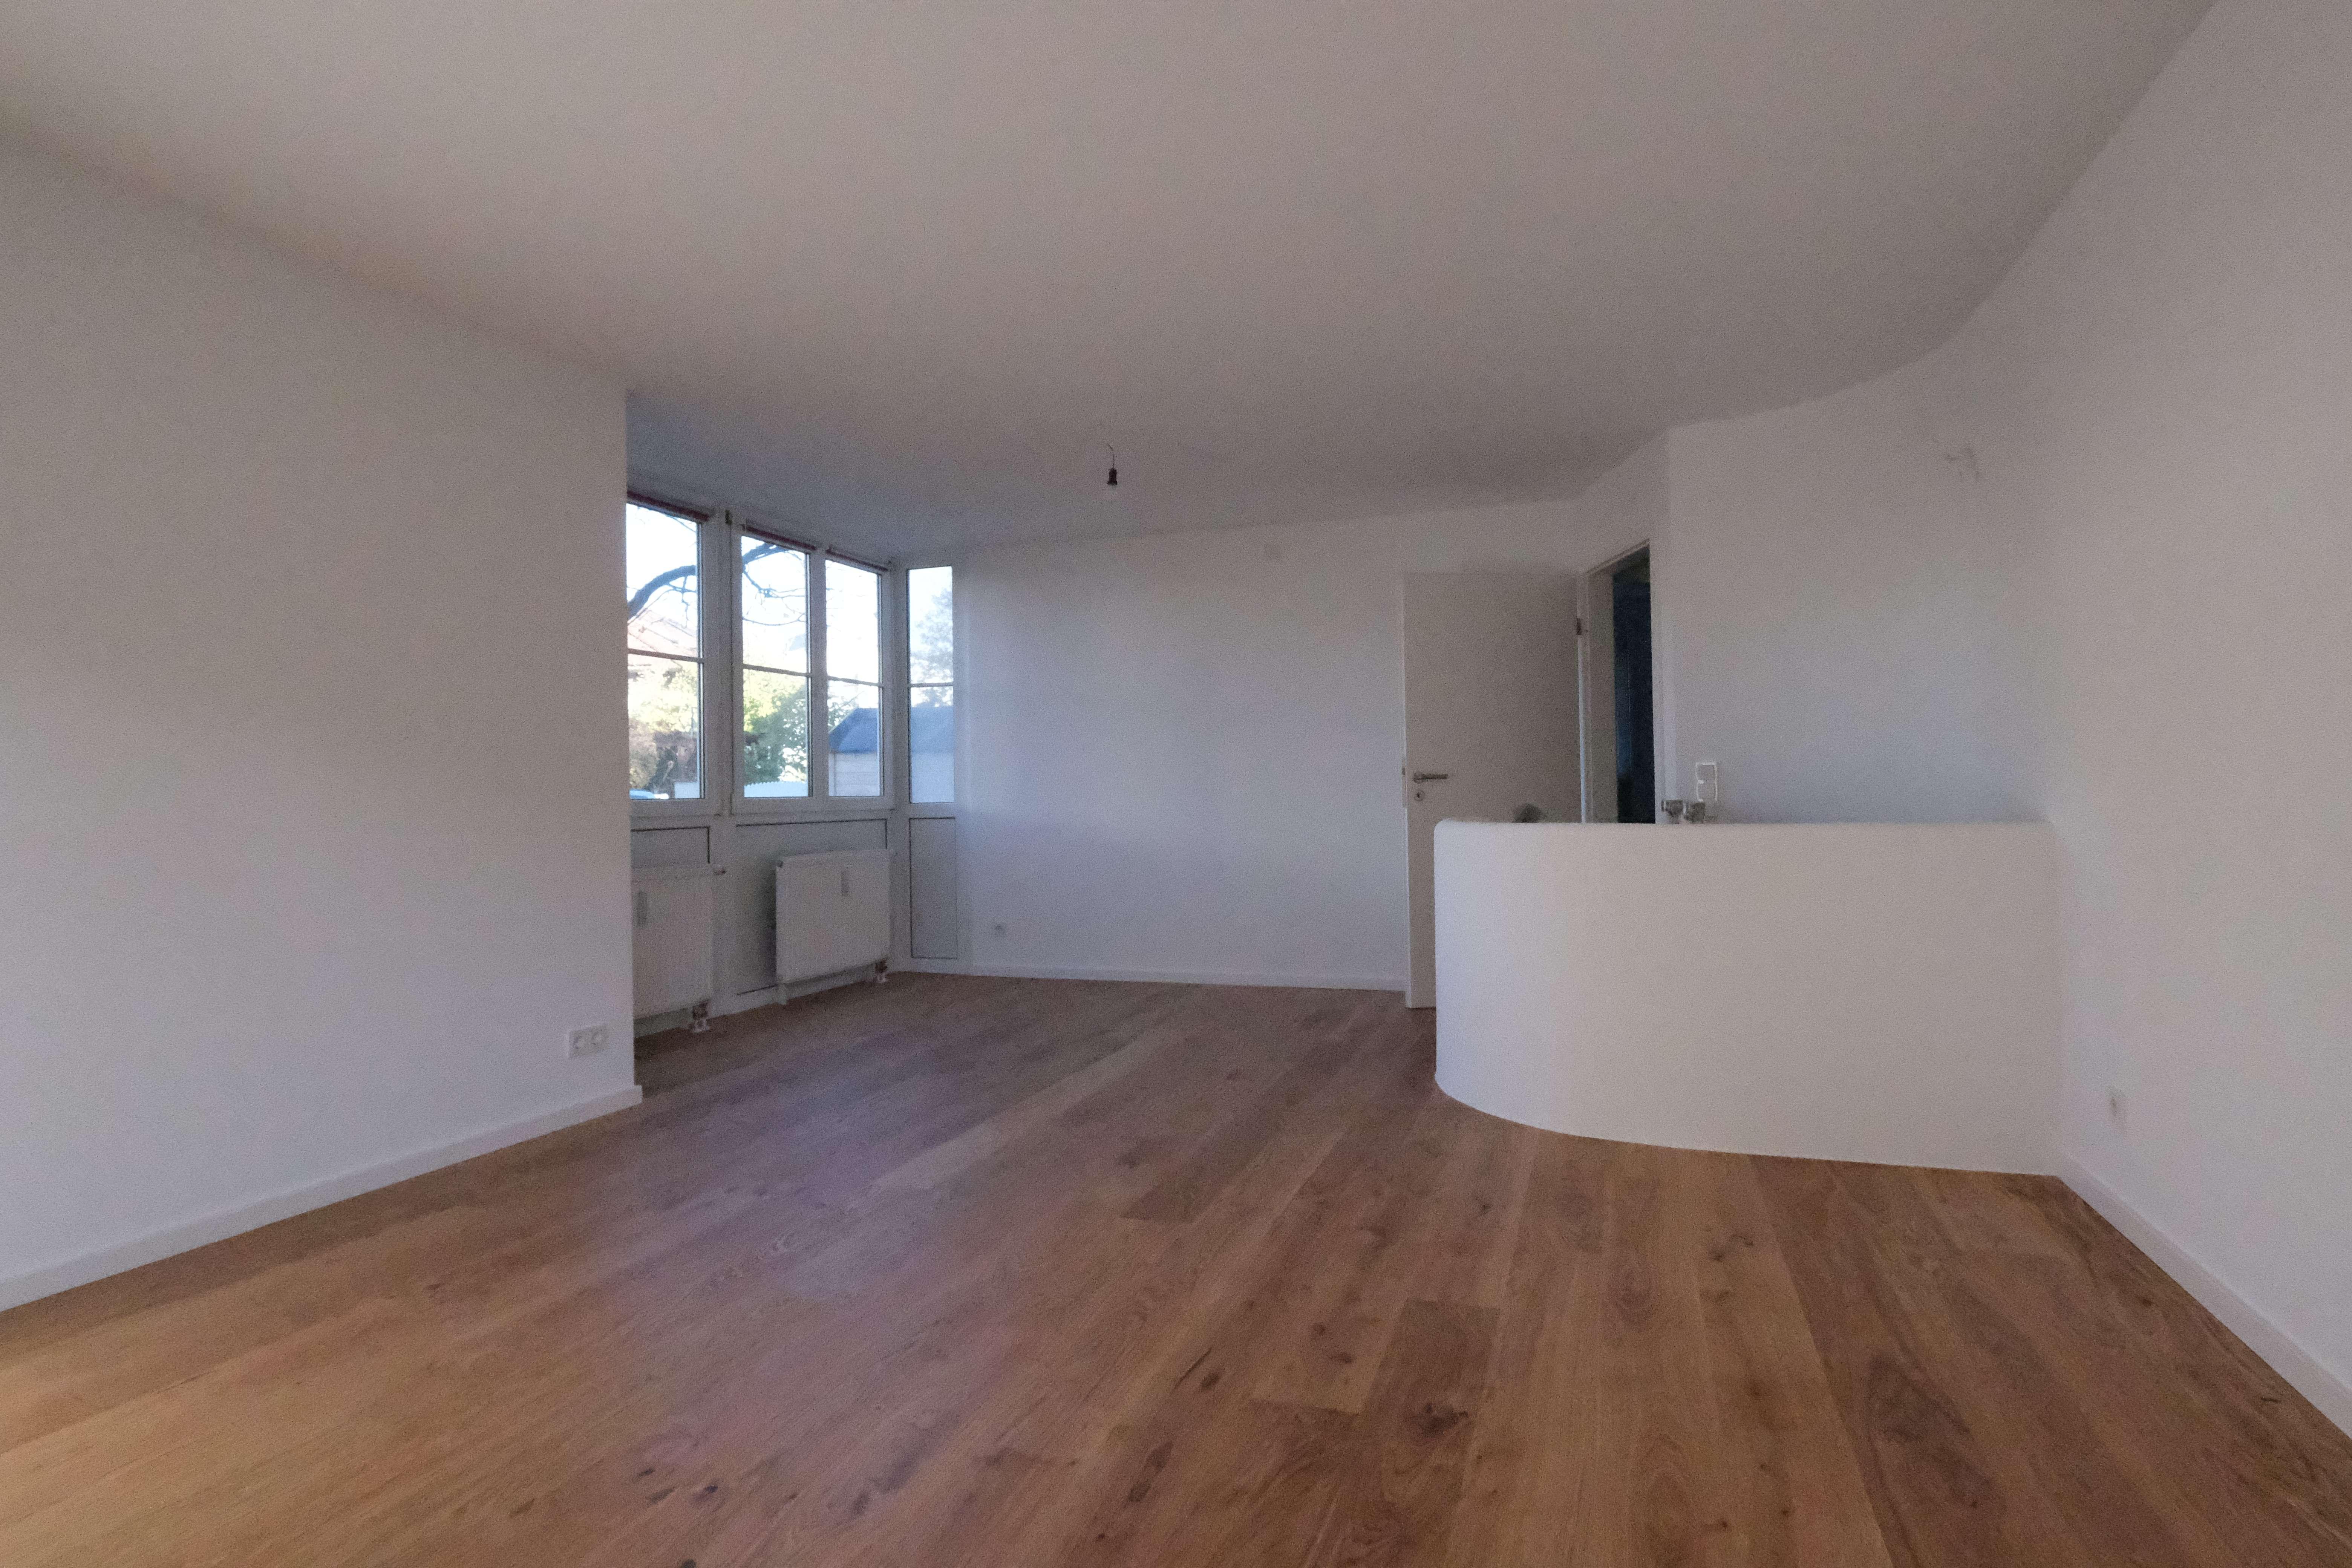 Großhadern 2 Zimmer Gartenwohnung 86 m2 + Souterrain 26 m2 in Hadern (München)